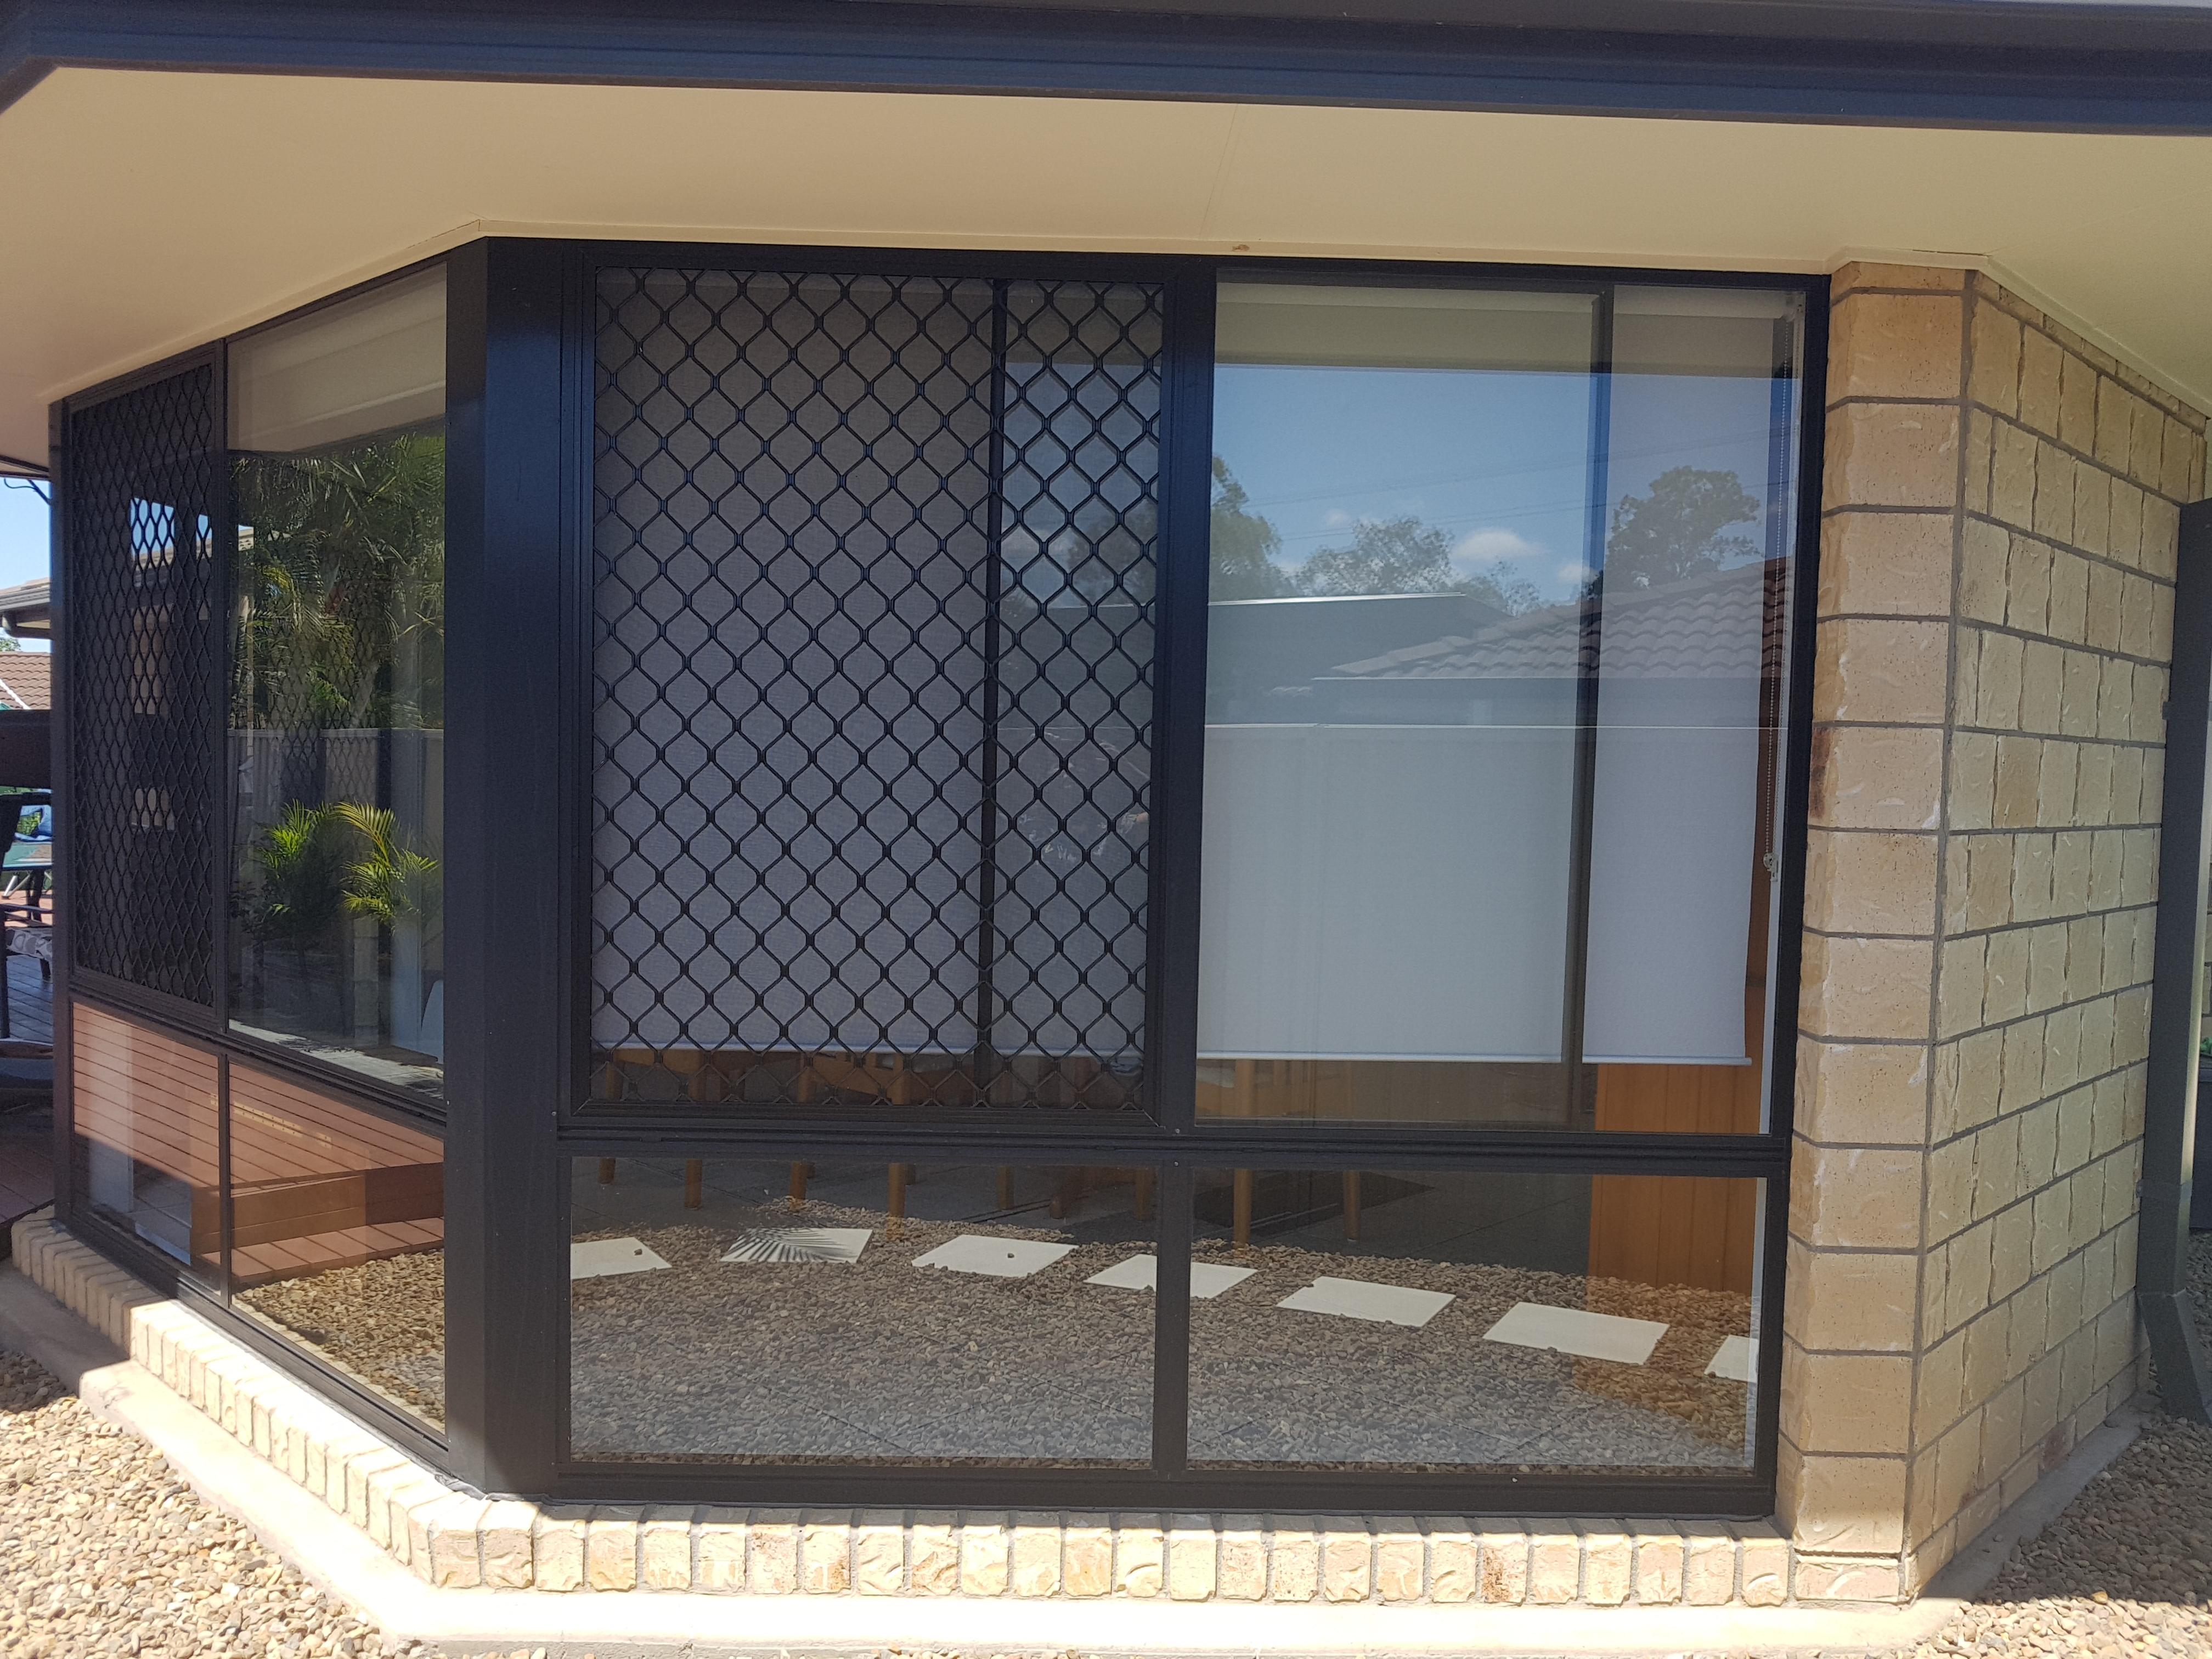 Refurbished diamond grill security screen window, Warner